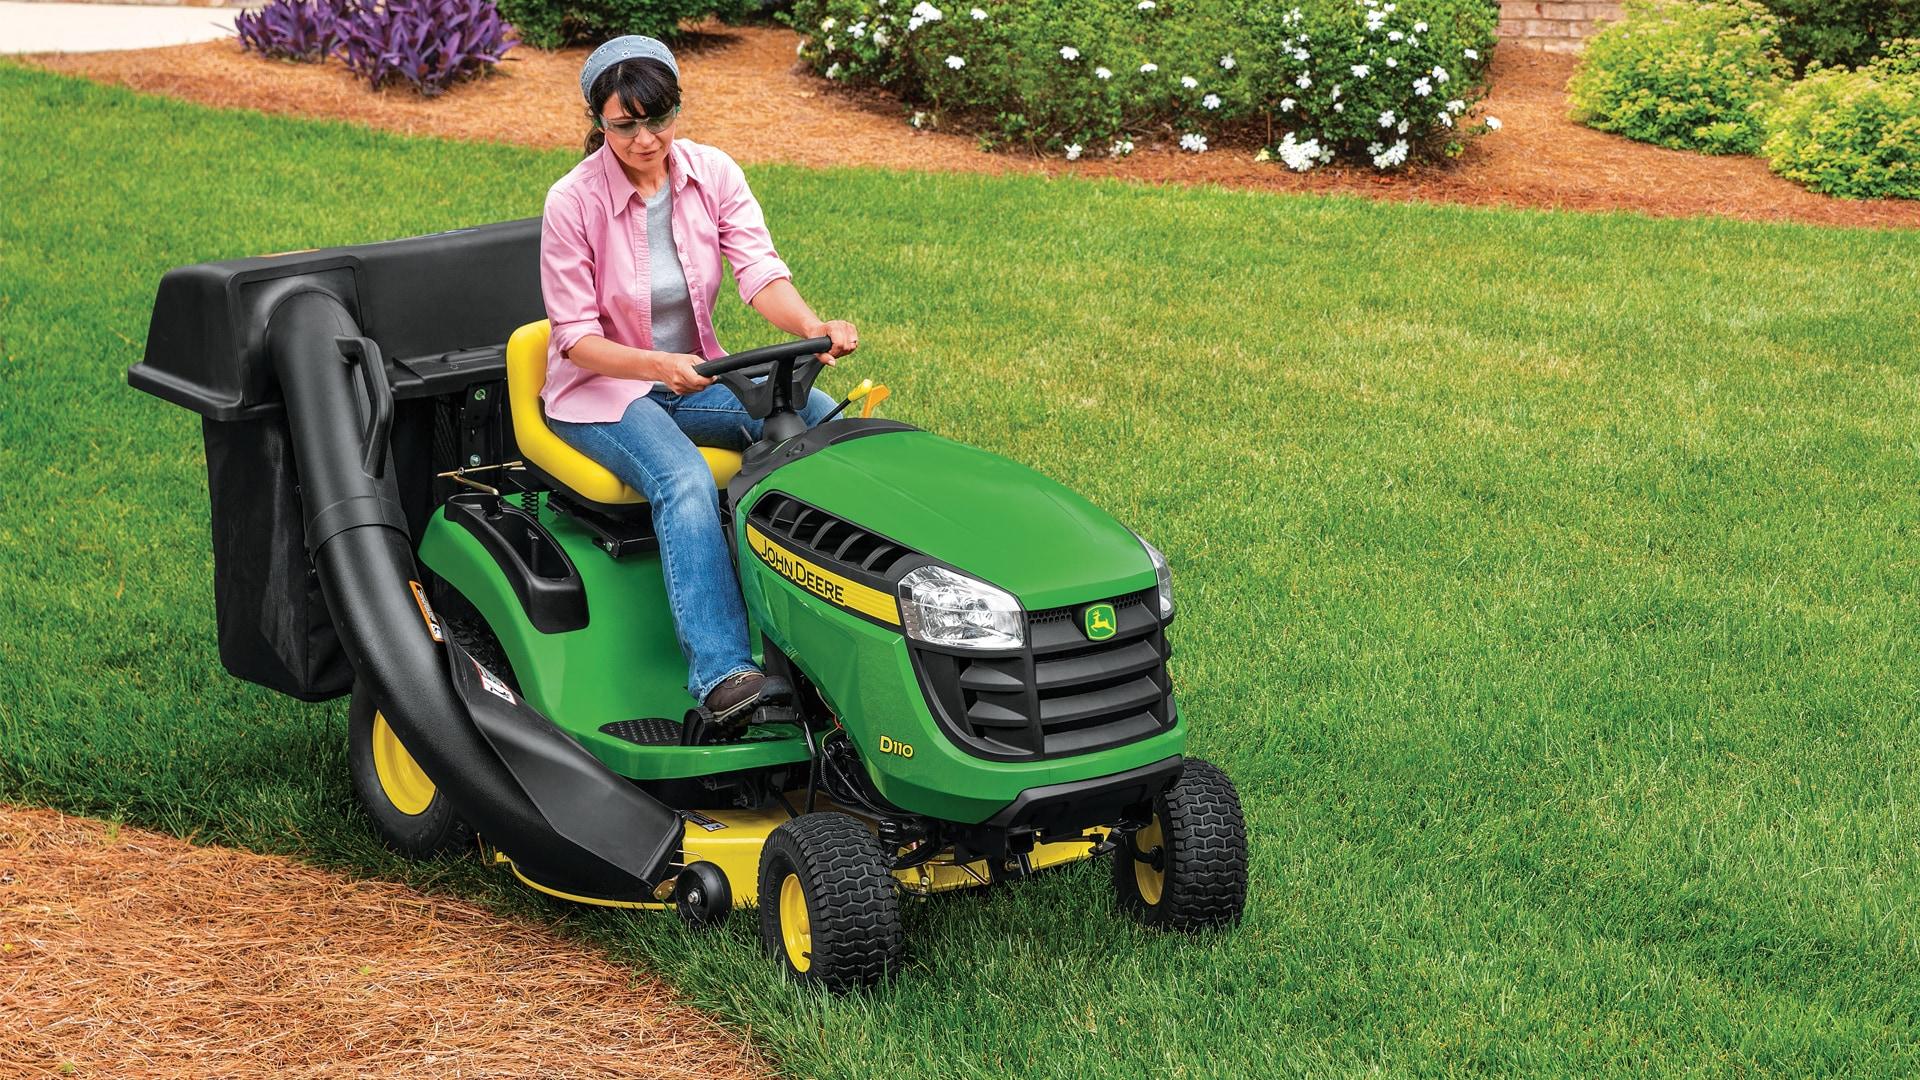 John Deere 100 Garden Tractor Attachments : Lawn tractors d series john deere ca